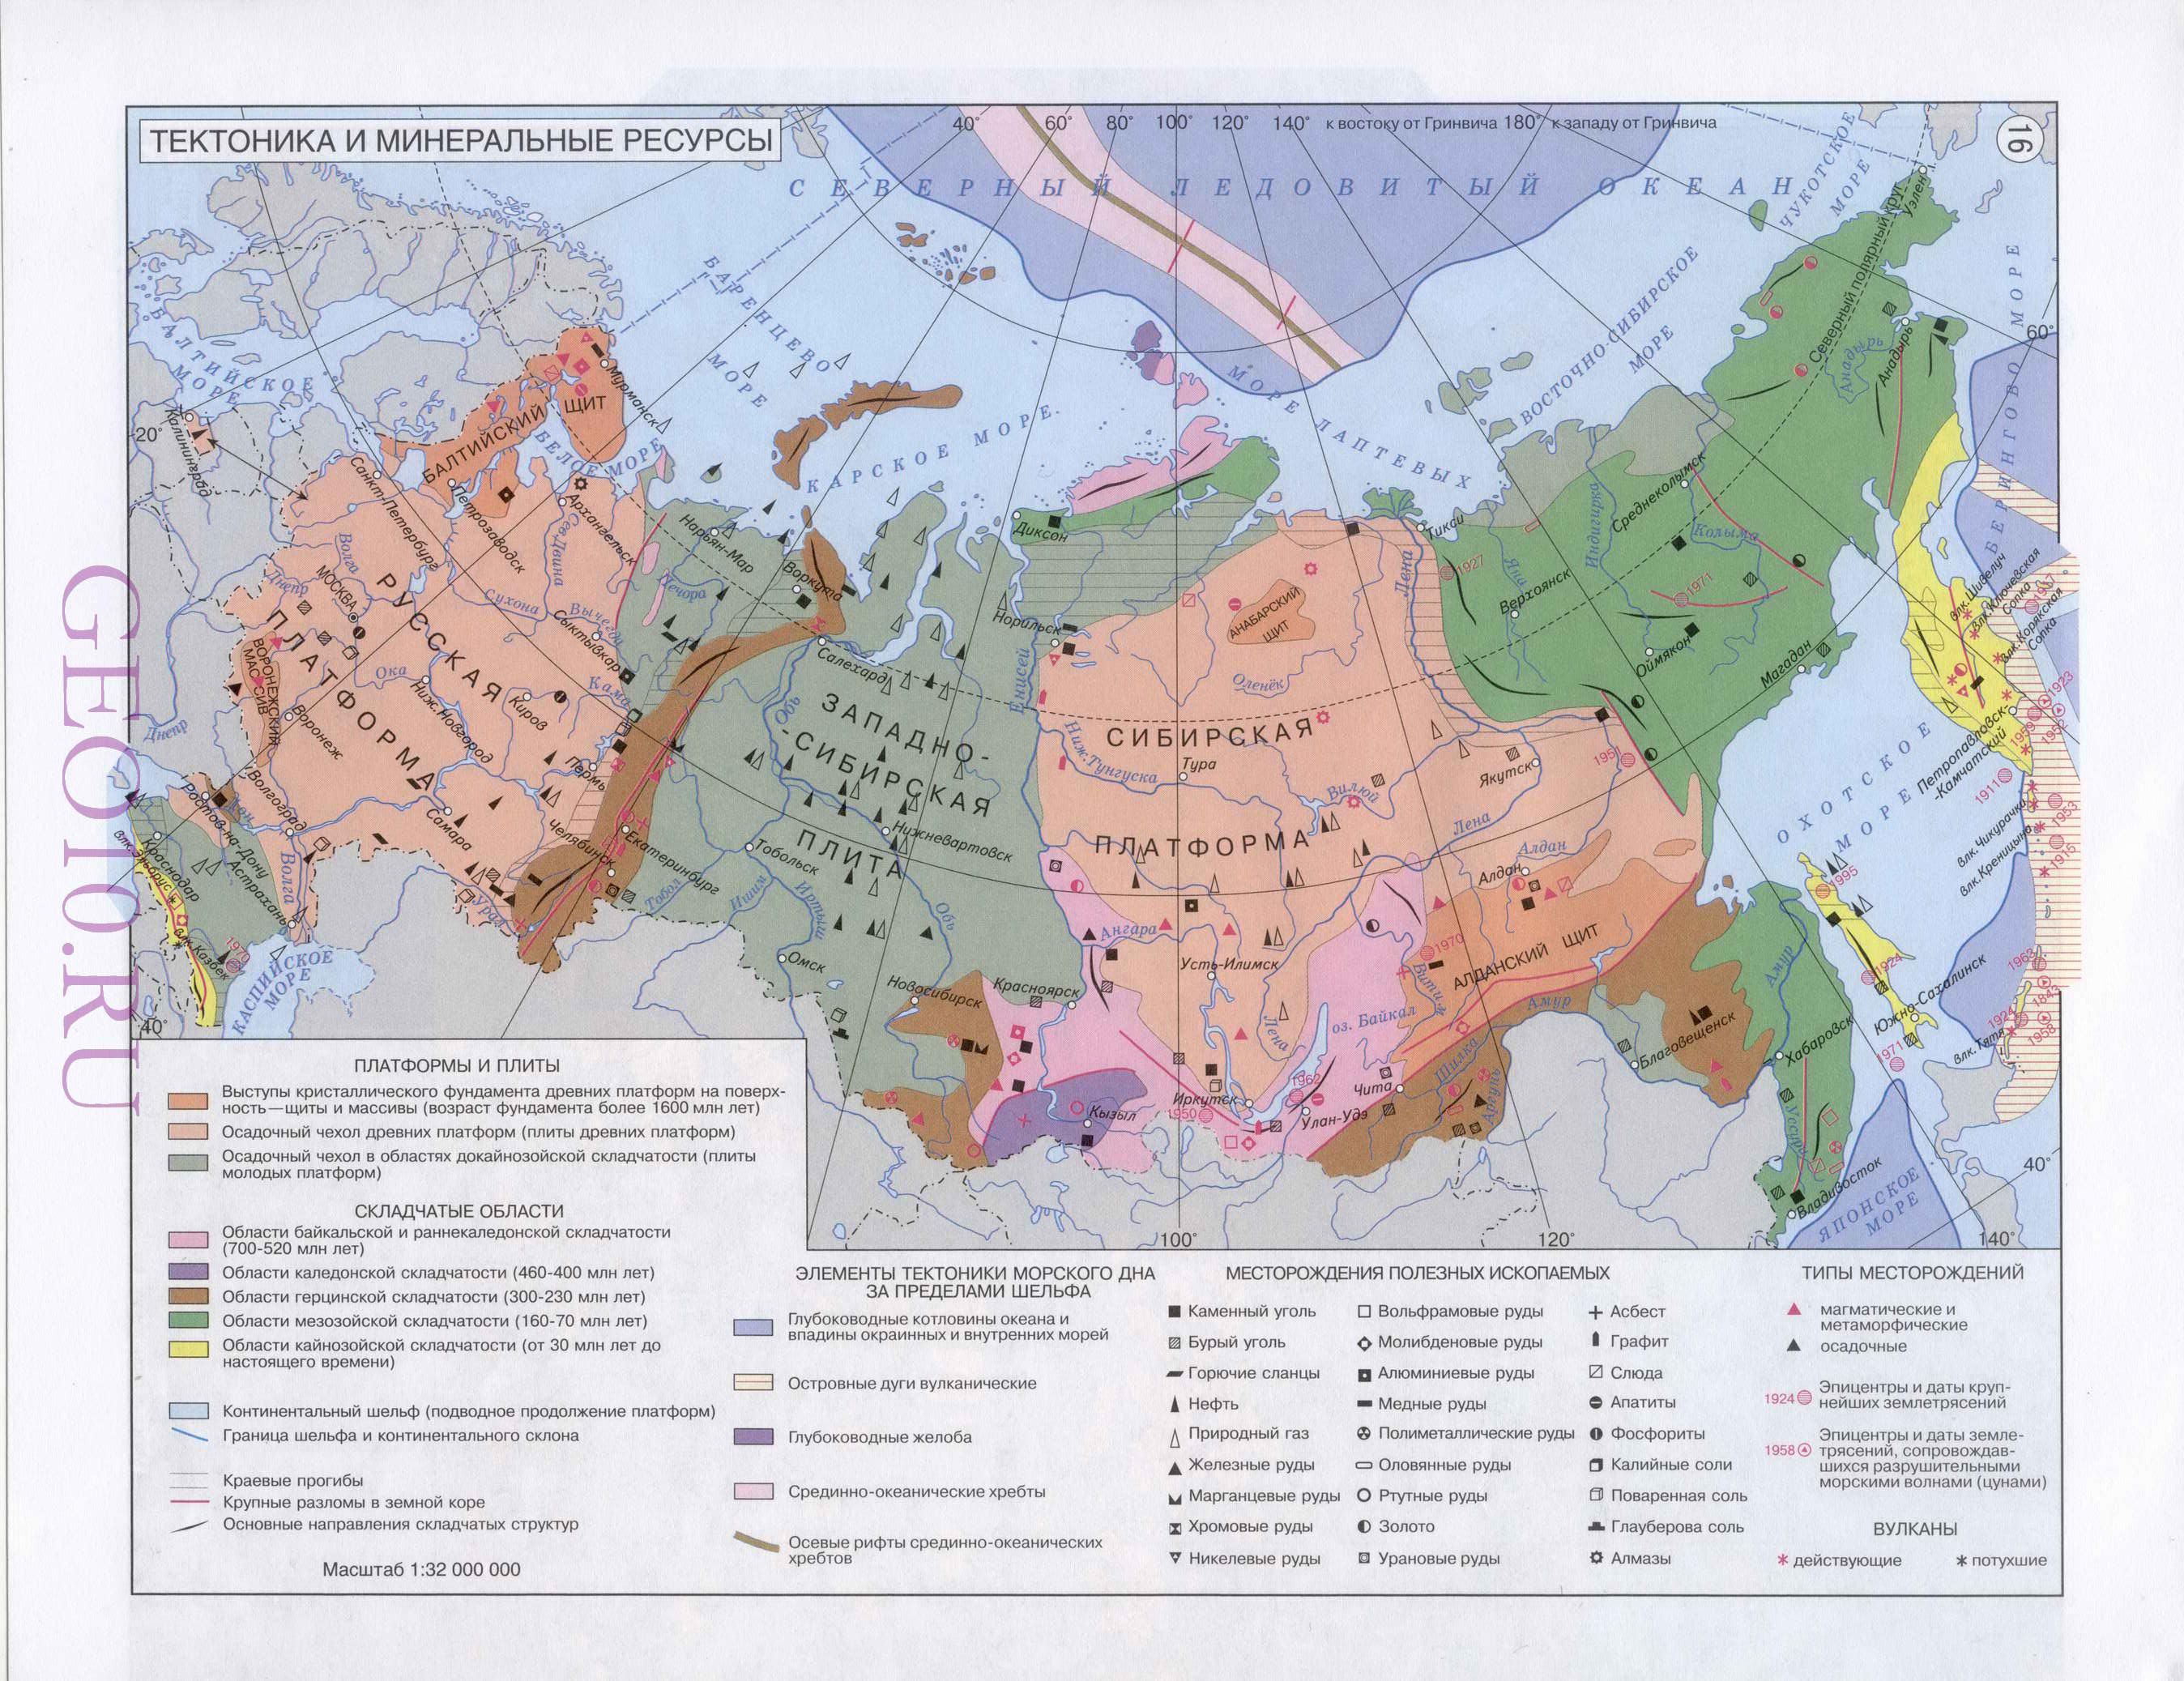 Топливные ресурсы россии реферат кратко 4235